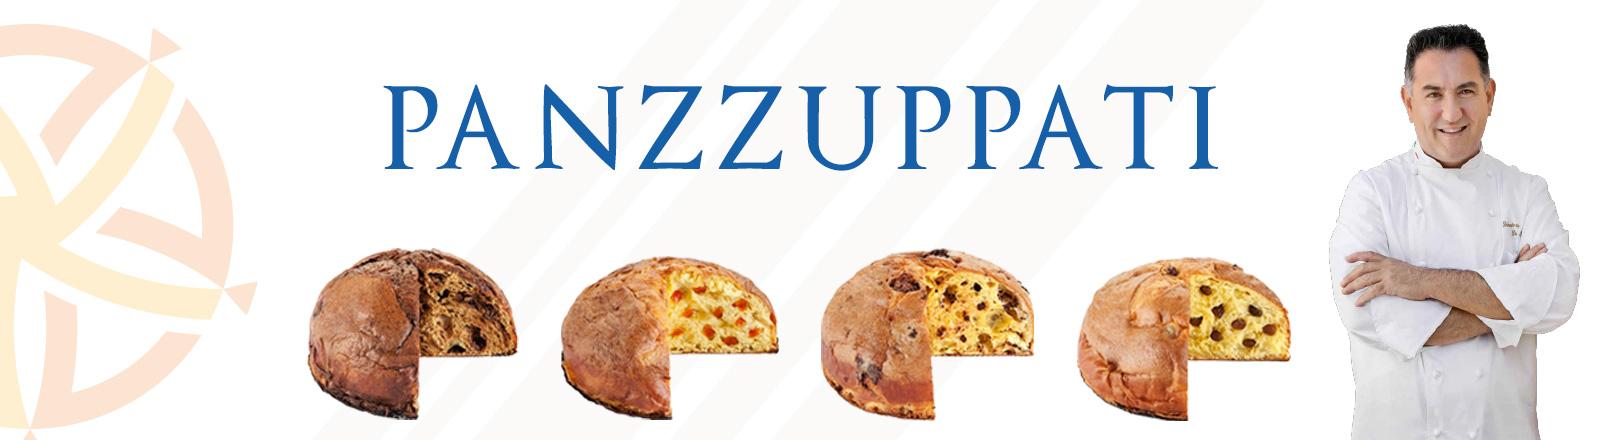 Panzzuppati